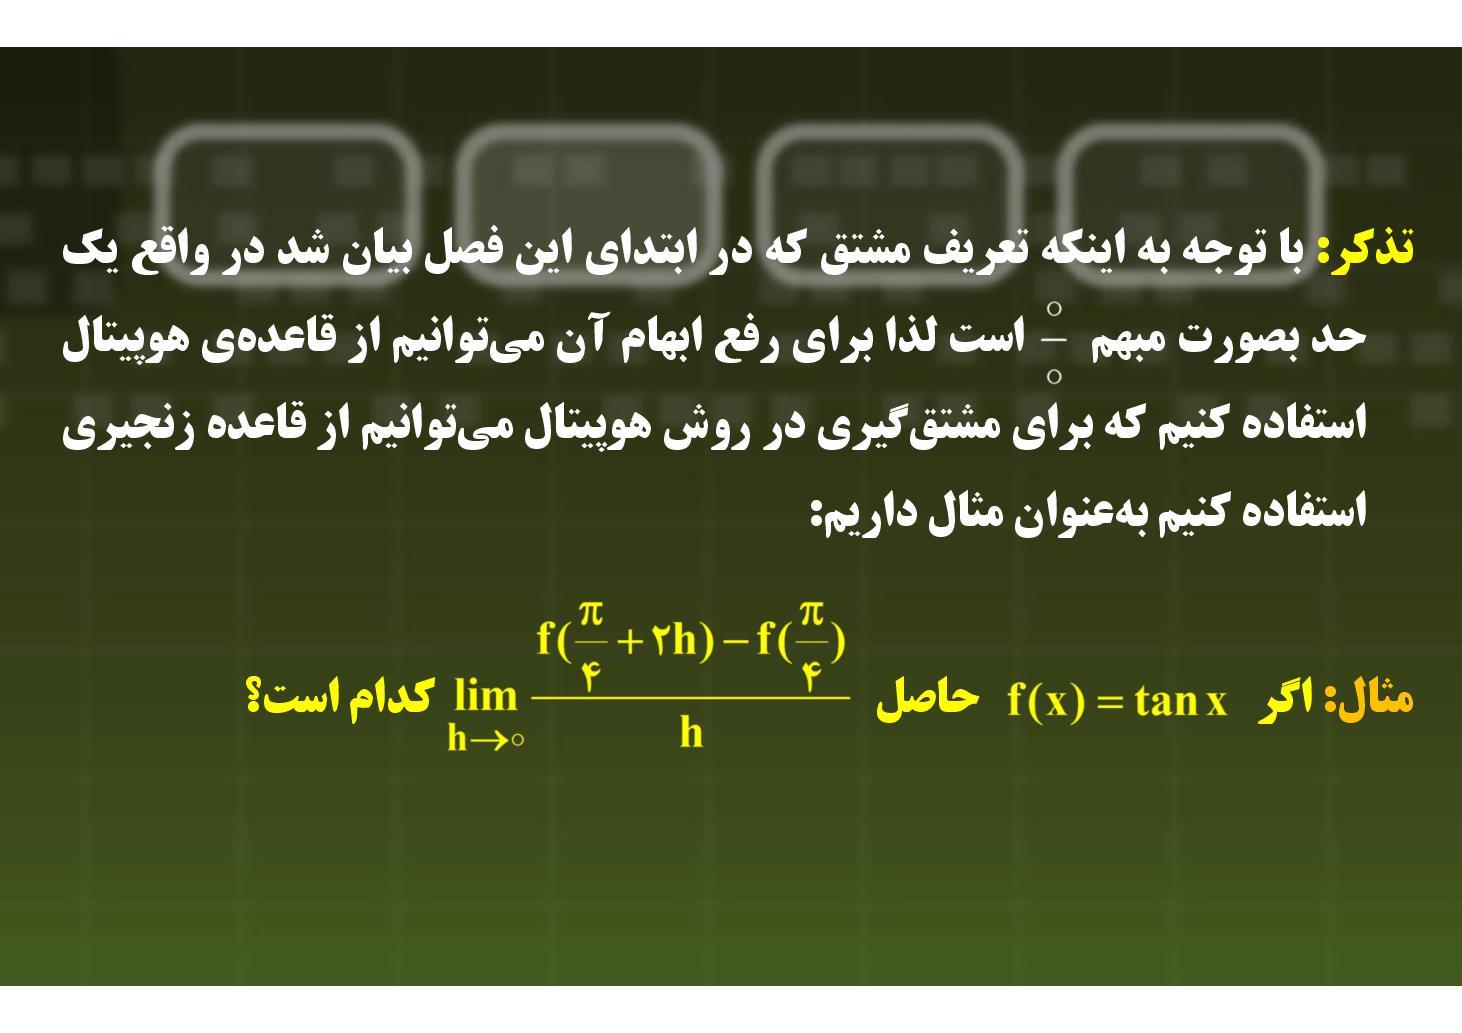 ریاضی ٣- فصل ۴- مشتق توابع مرکب- بخش ٣ (PDF)